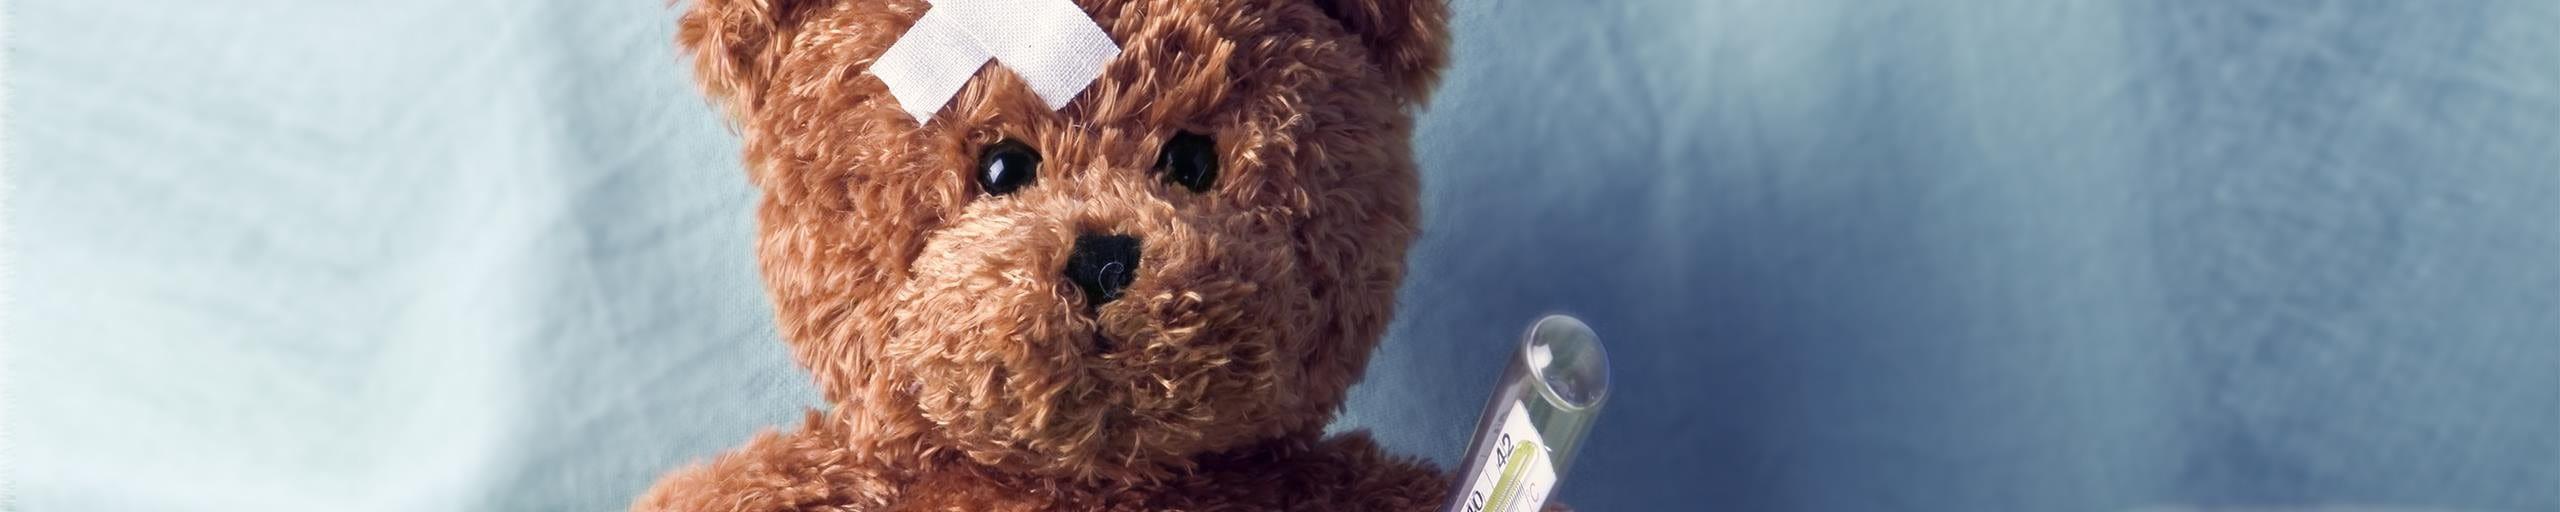 Teddy mit Fieber